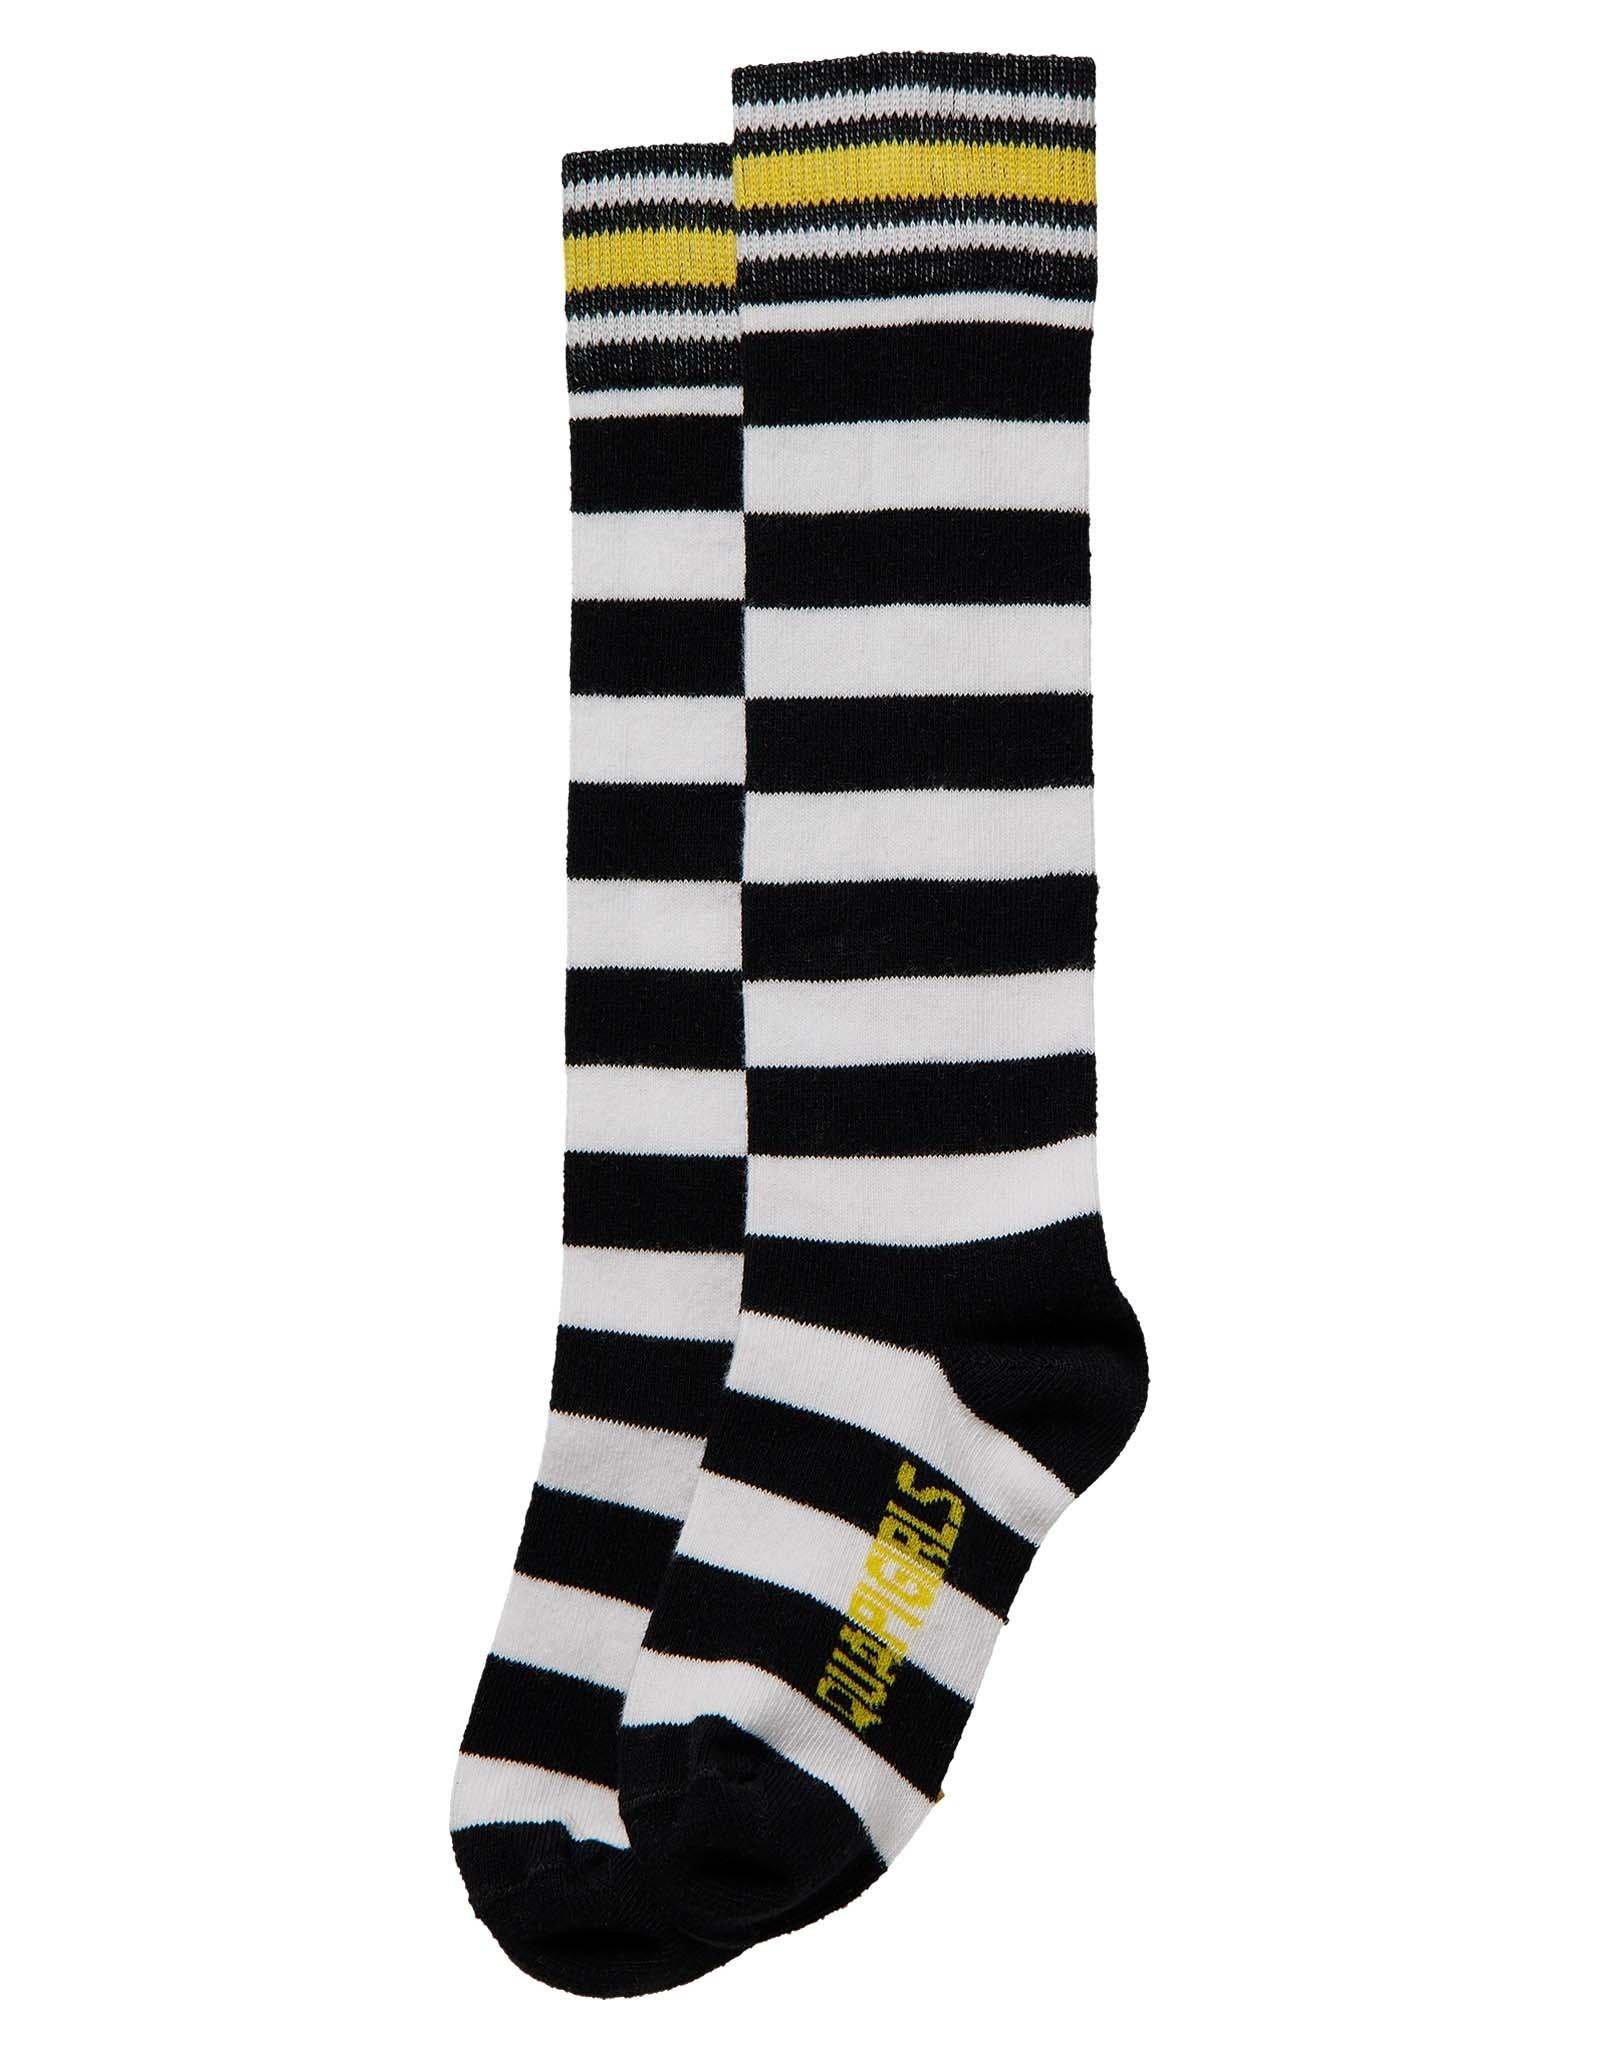 Quapi Quapi sokken Franca black